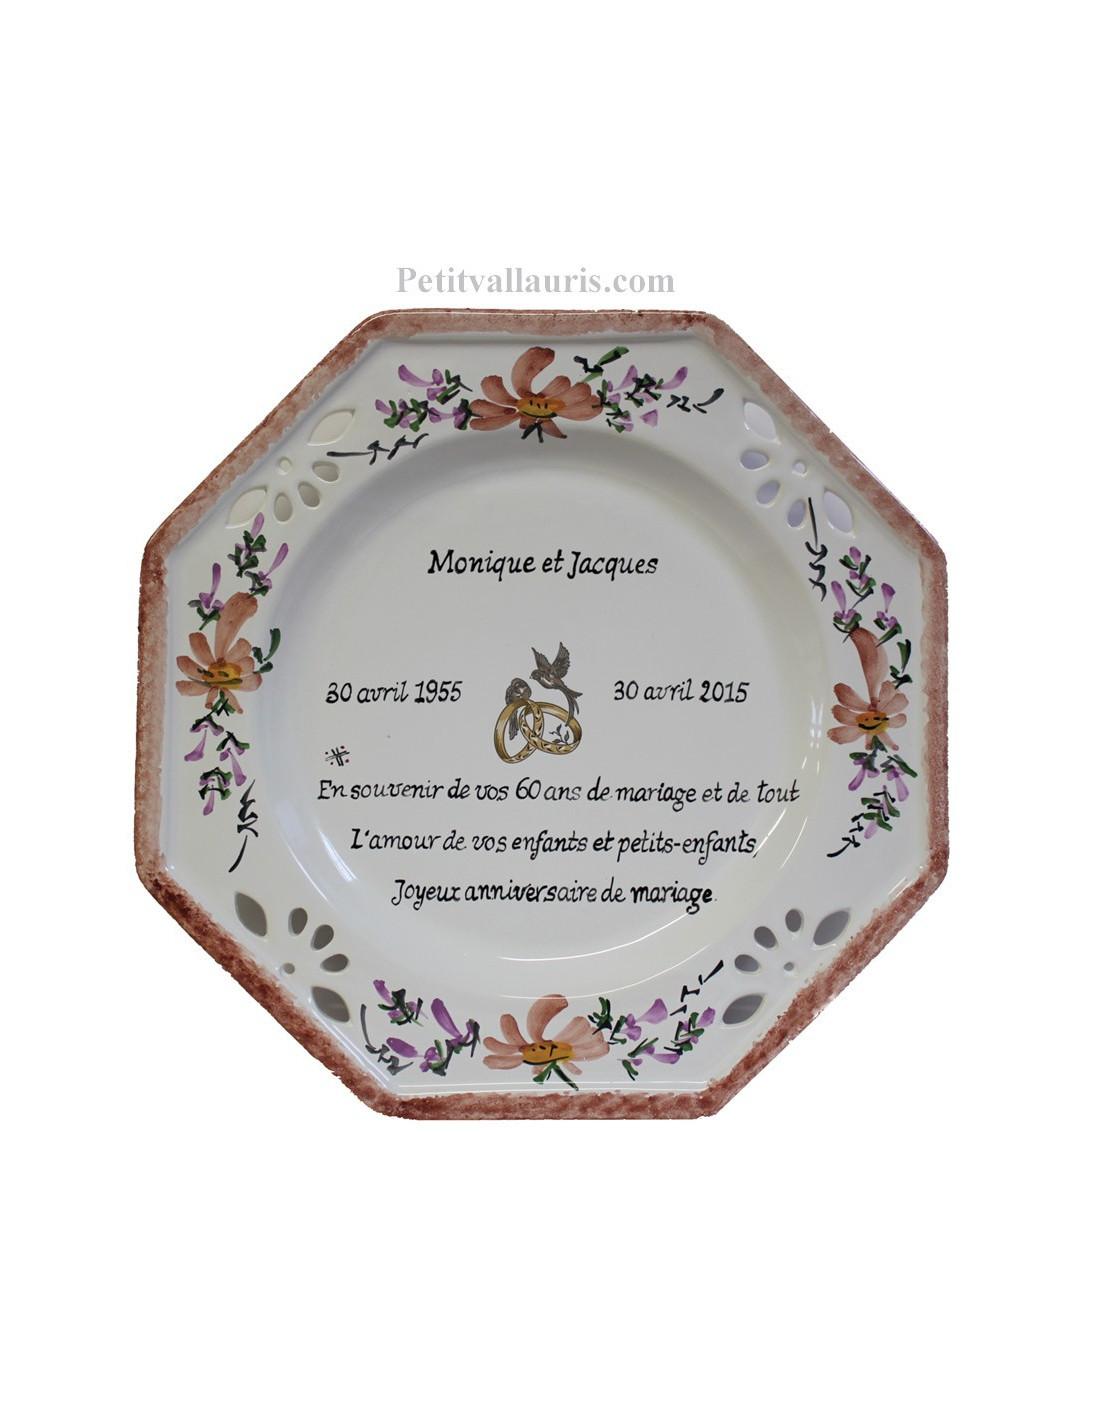 grande assiette anniversaire de mariage mod le octogonale d cor fleurs saumon beige avec po me. Black Bedroom Furniture Sets. Home Design Ideas